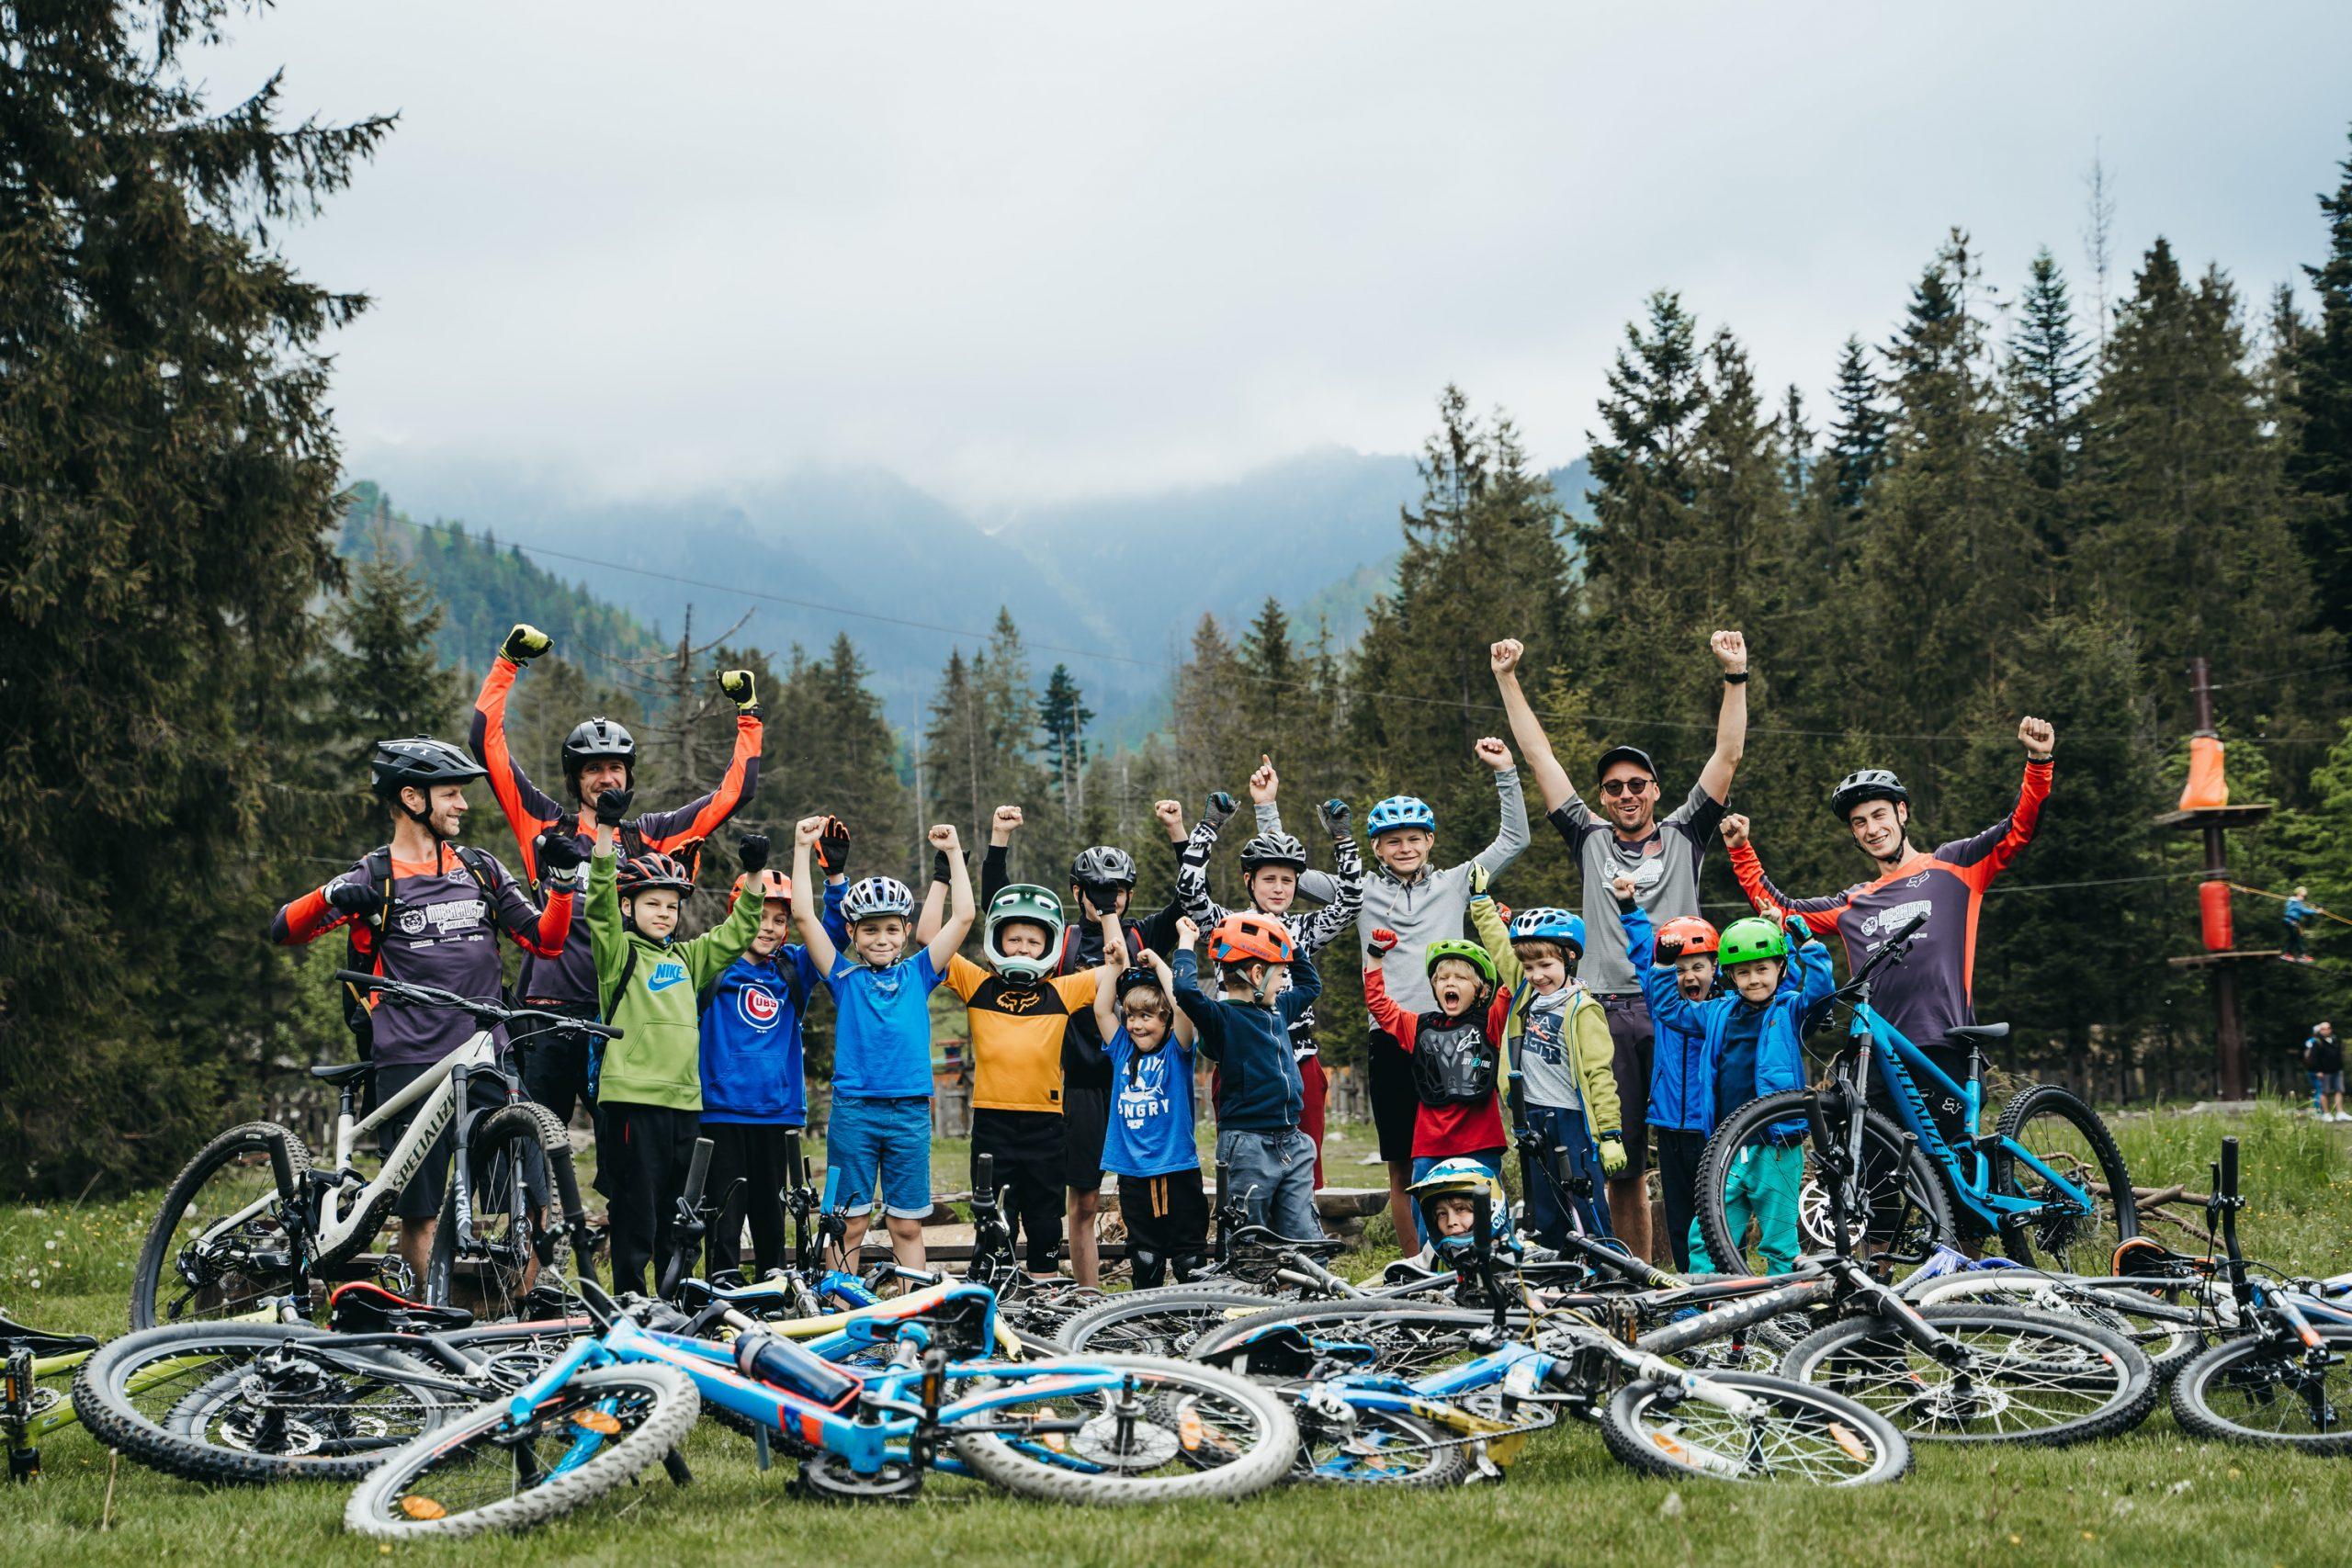 Otwieramy nabór do klubu rowerowego MTBAcademy w Zakopanem i Krakowie!